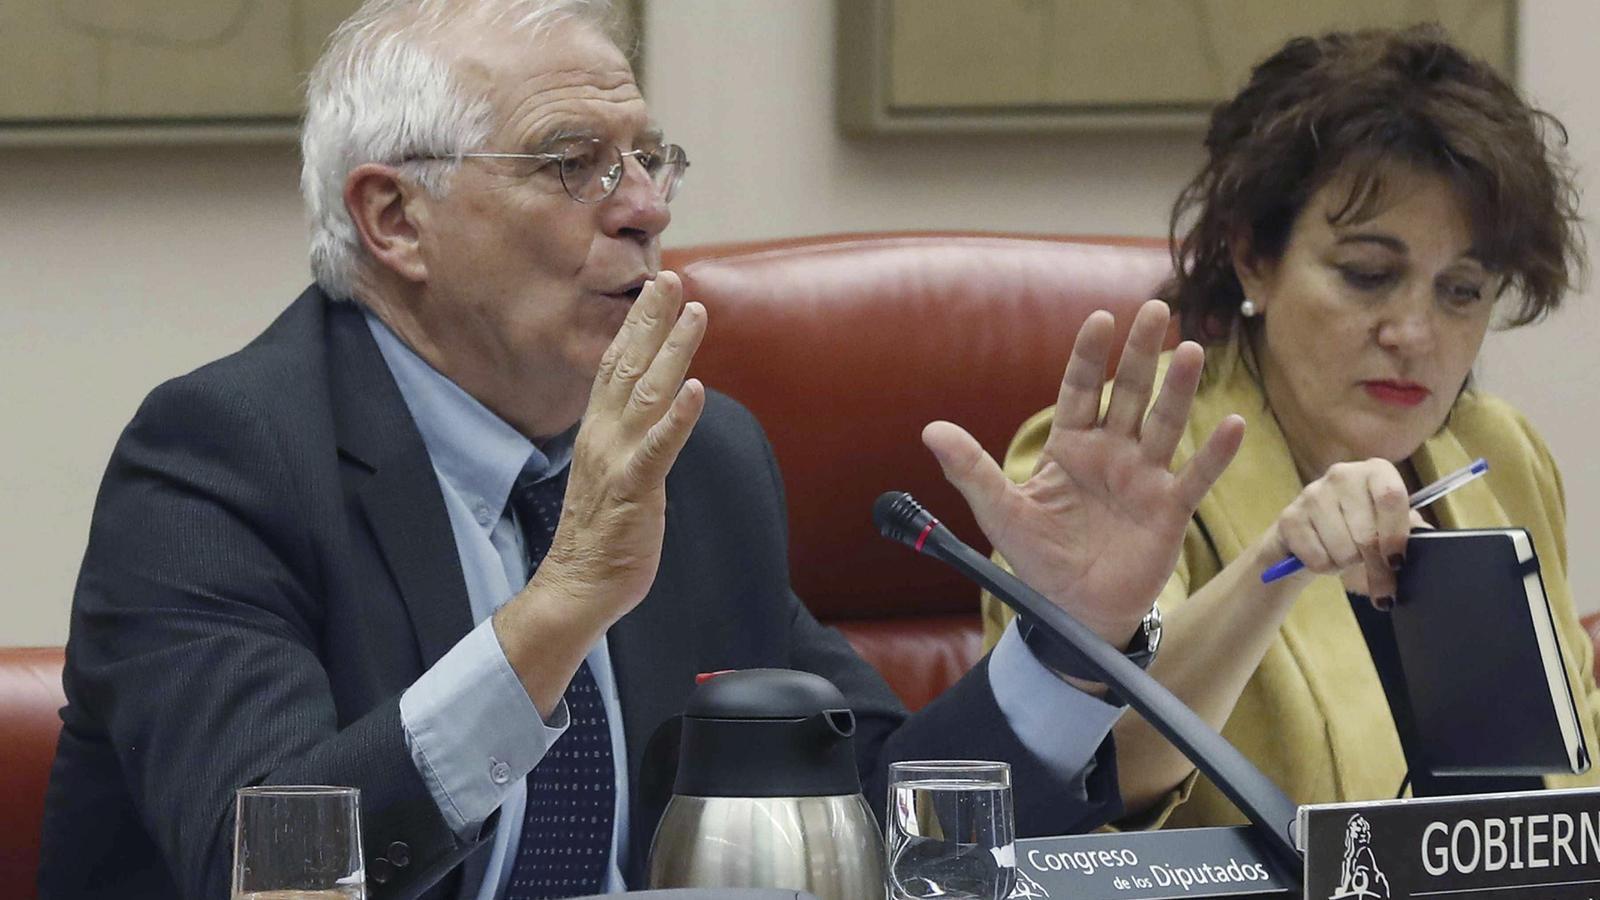 L'anàlisi d'Antoni Bassas: 'La bravata de l'escorpí Borrell'